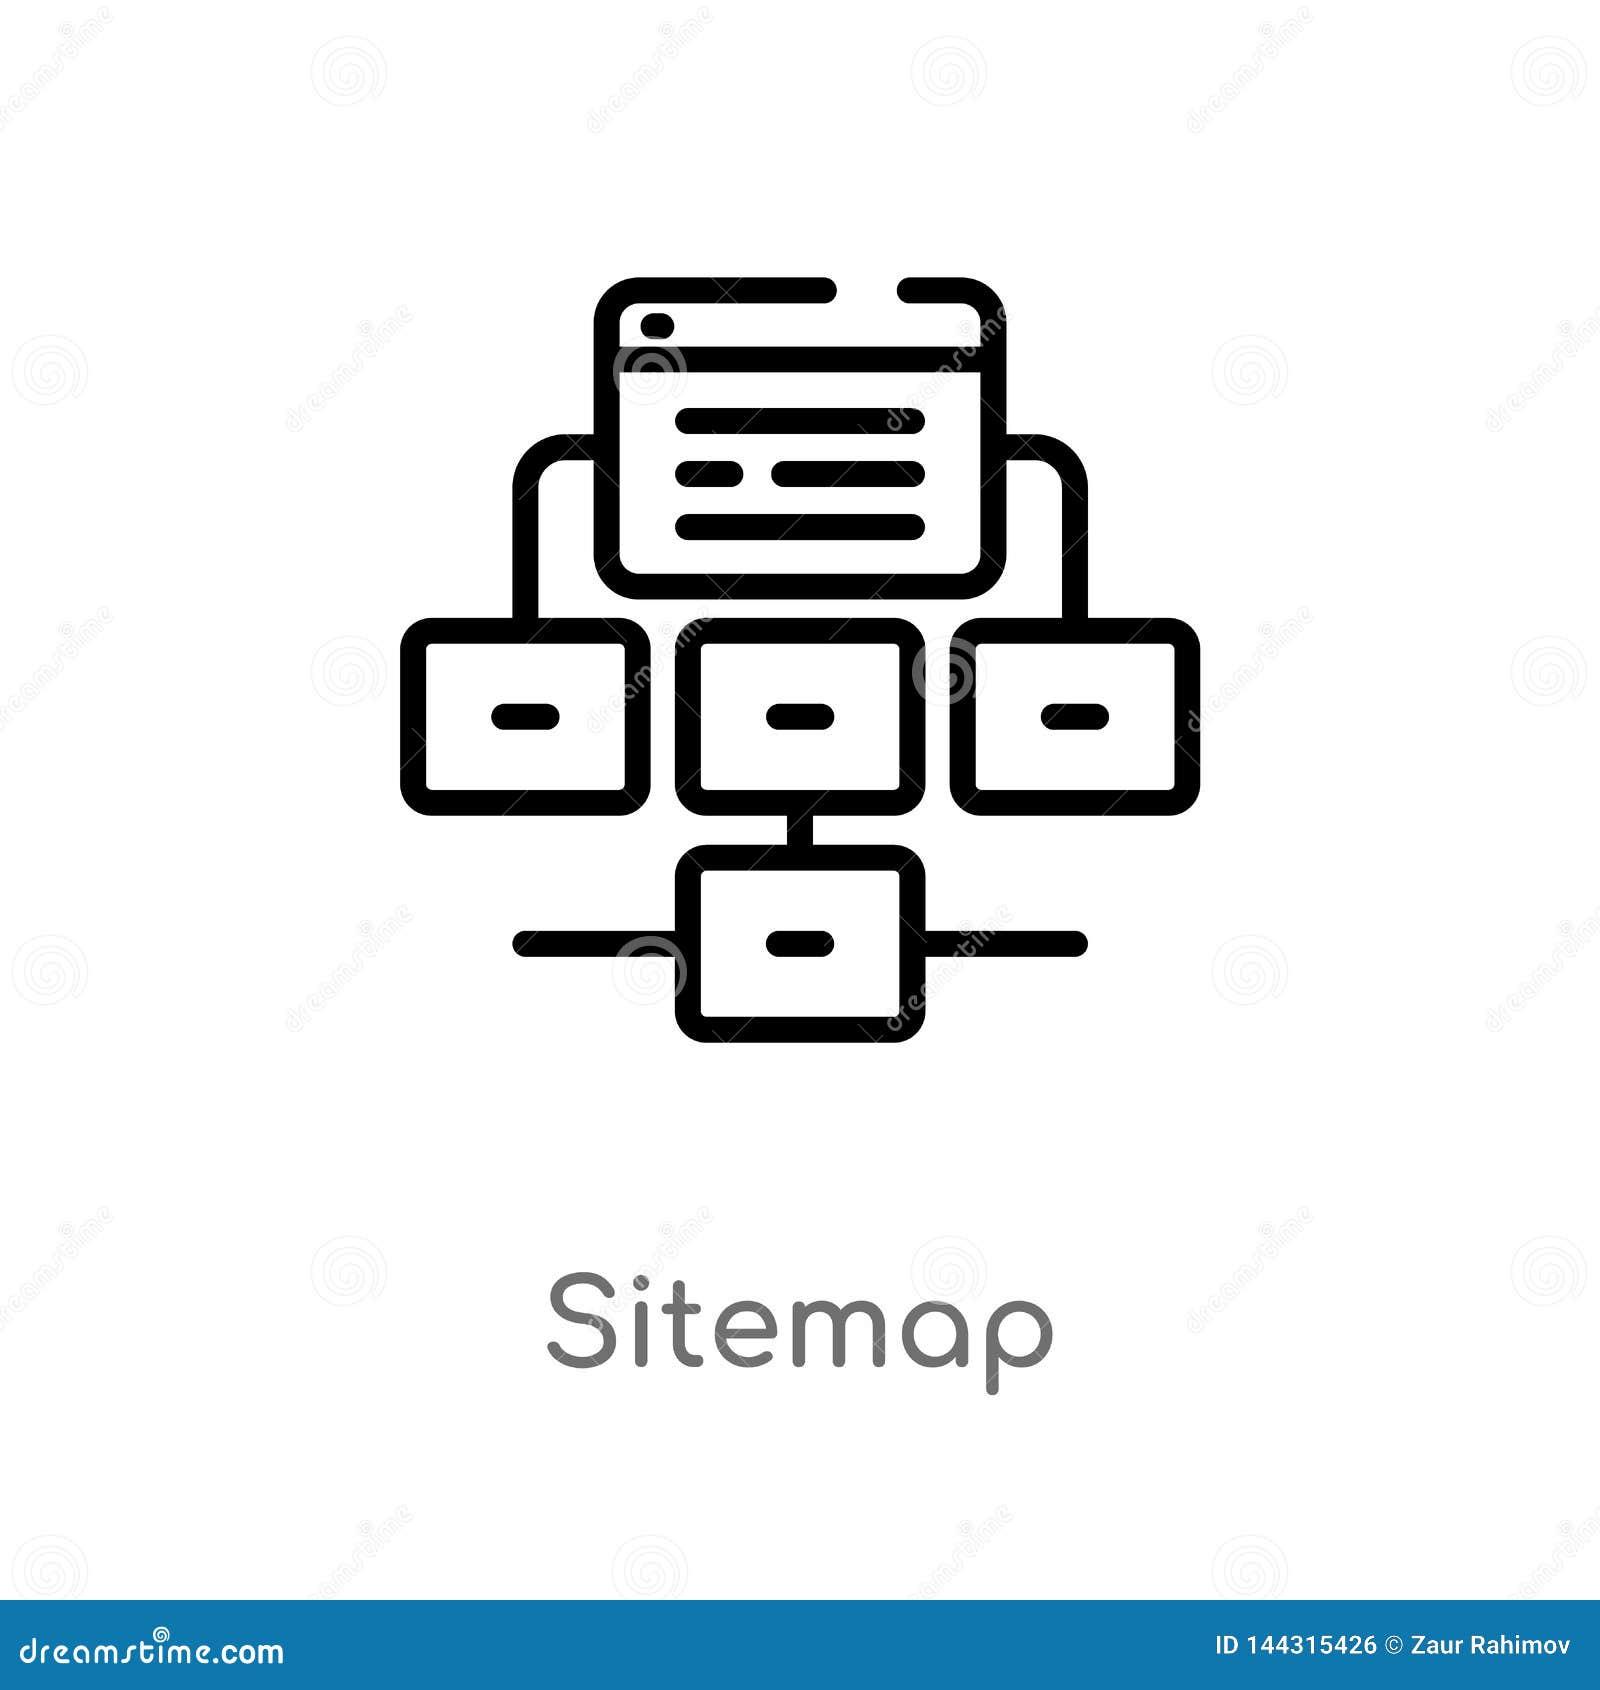 διανυσματικό εικονίδιο περιλήψεων sitemap απομονωμένη μαύρη απλή απεικόνιση στοιχείων γραμμών από την έννοια seo & Ιστού r